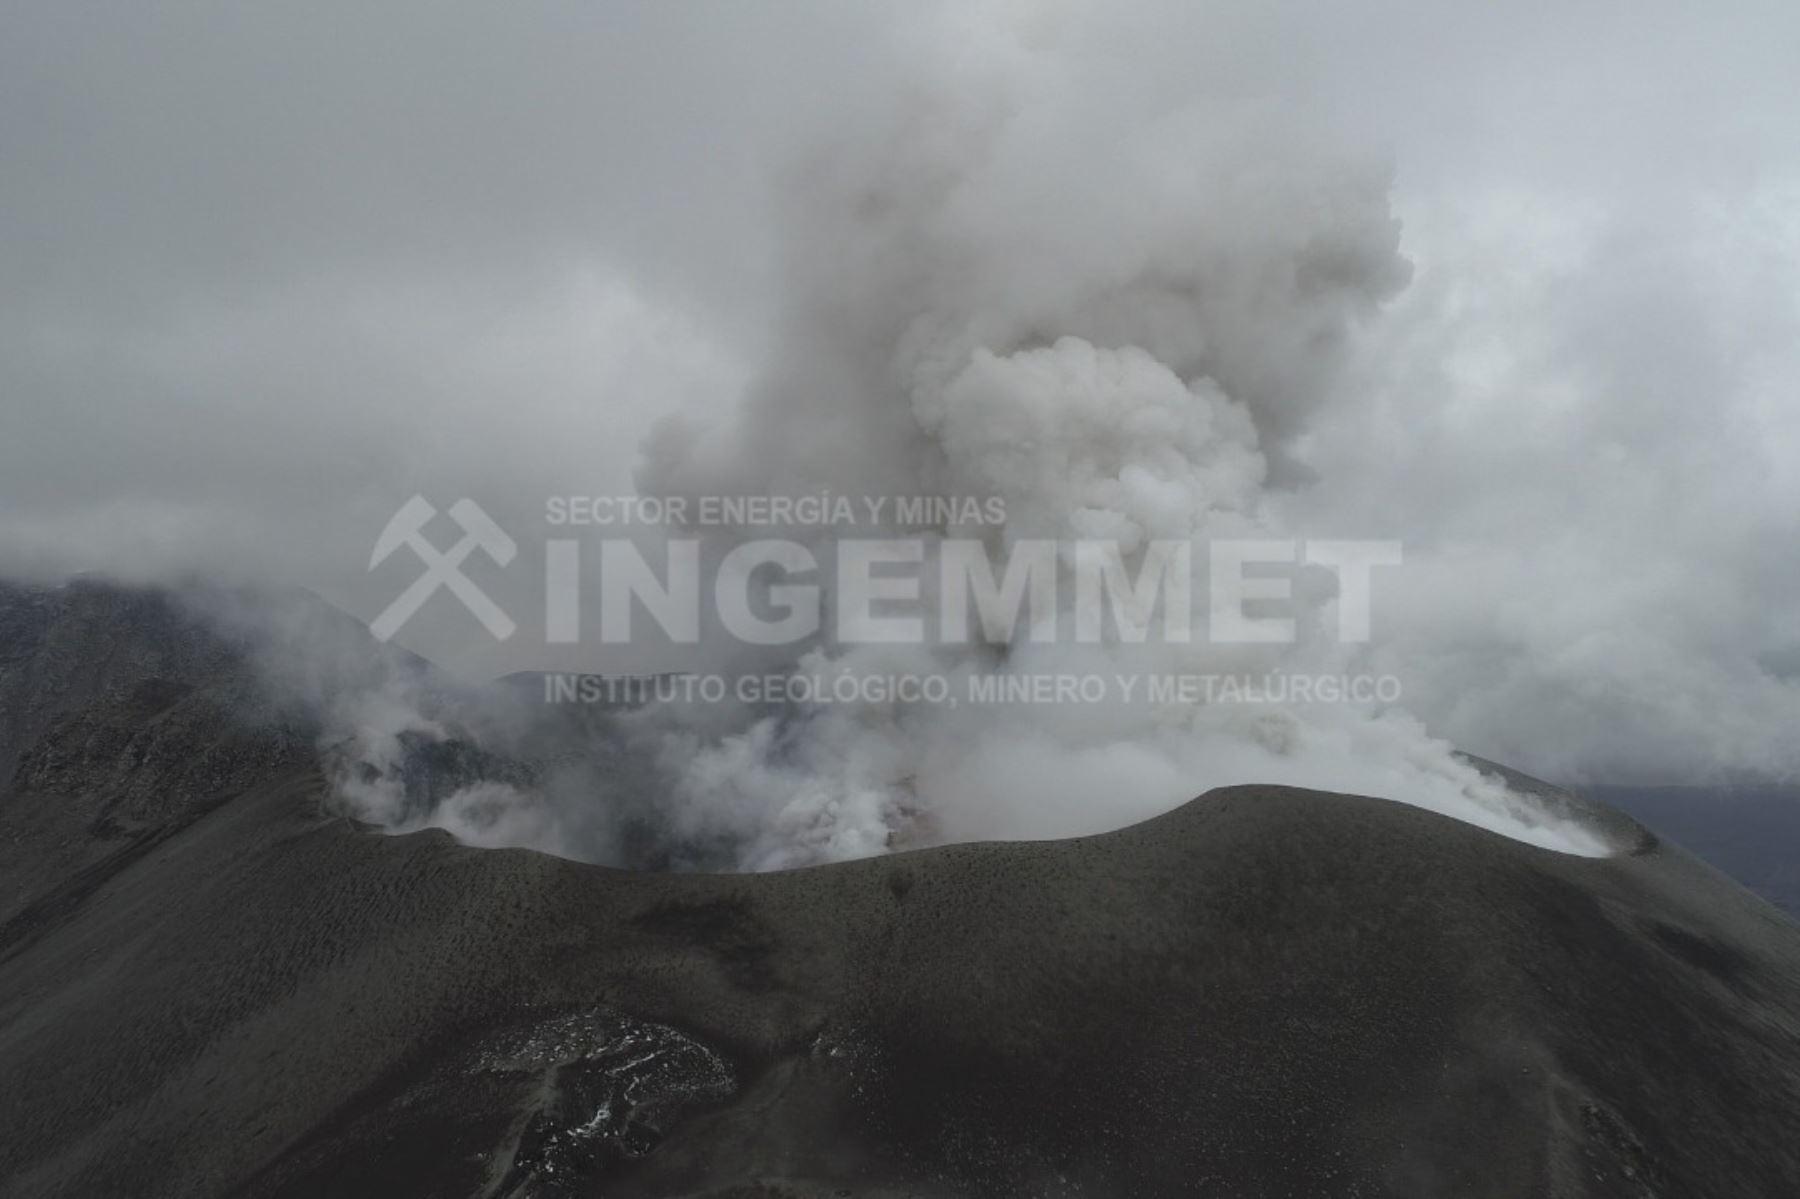 El volcán Sabancaya, ubicado en la región Arequipa, empezó su proceso eruptivo hace más de tres años. Foto: ANDINA/Difusión